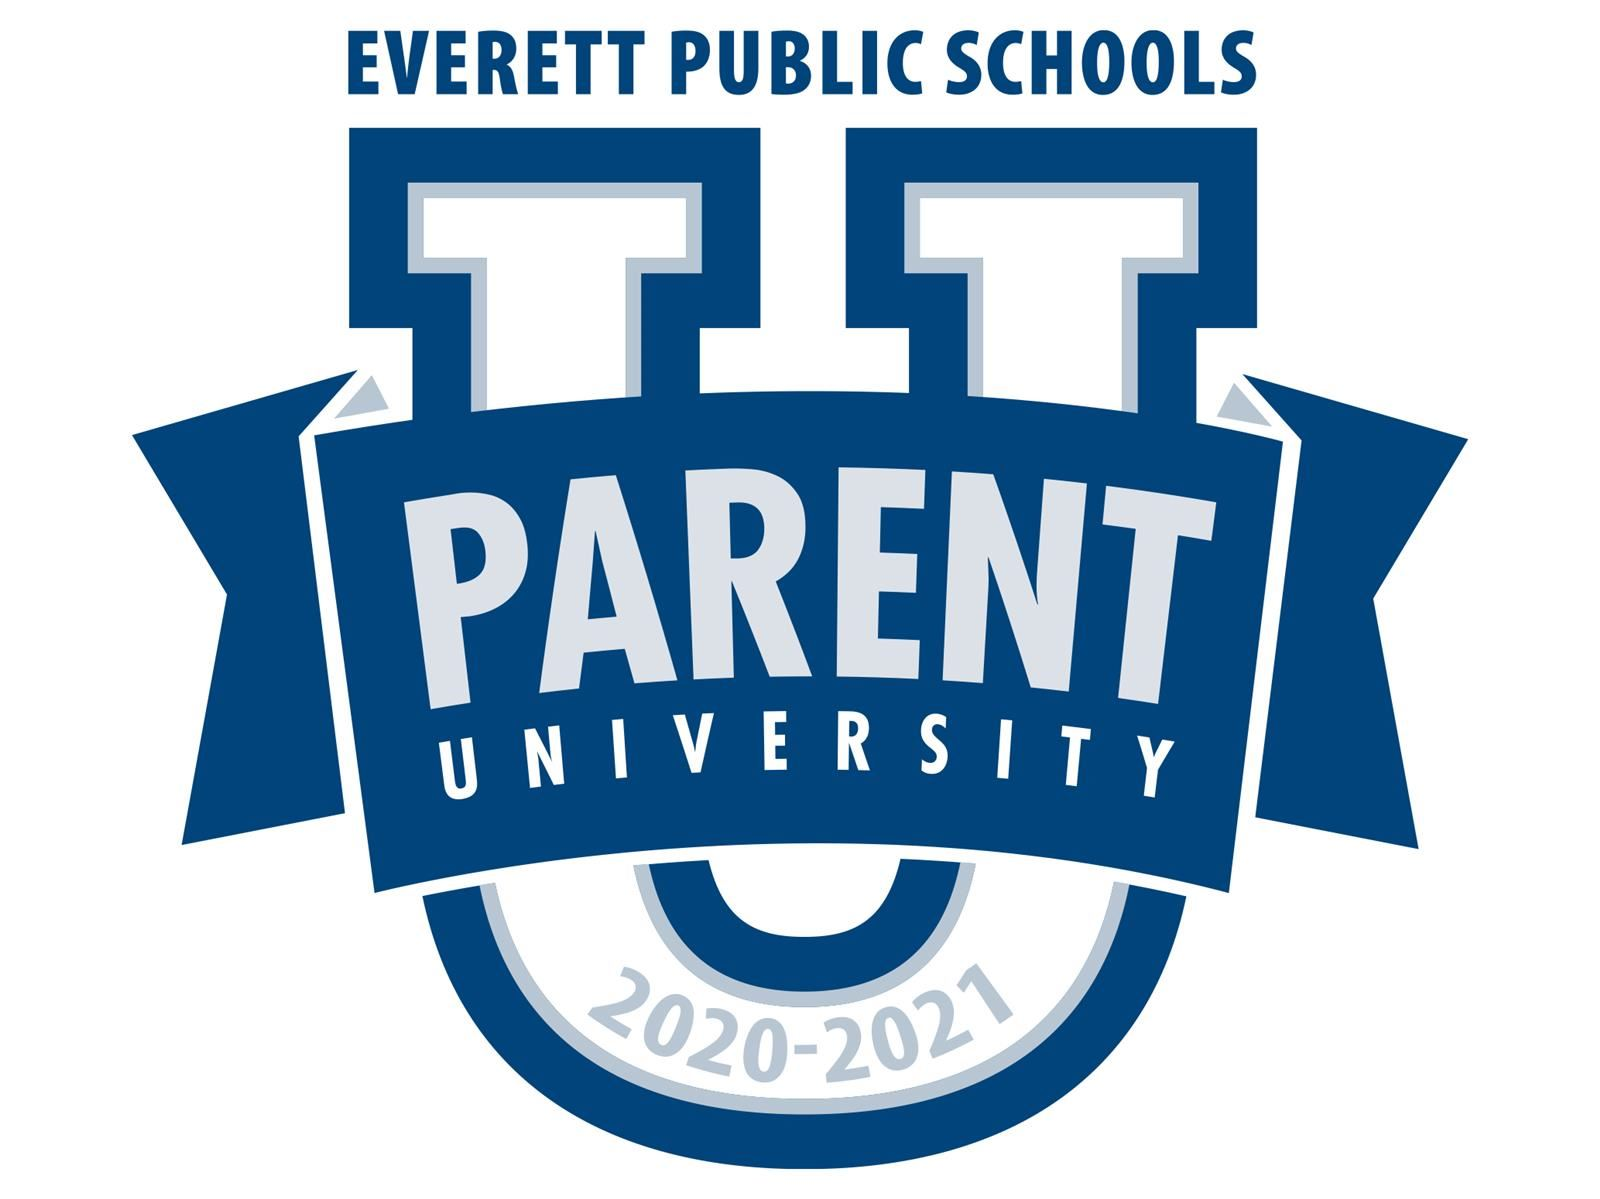 Parent University 2020-2021